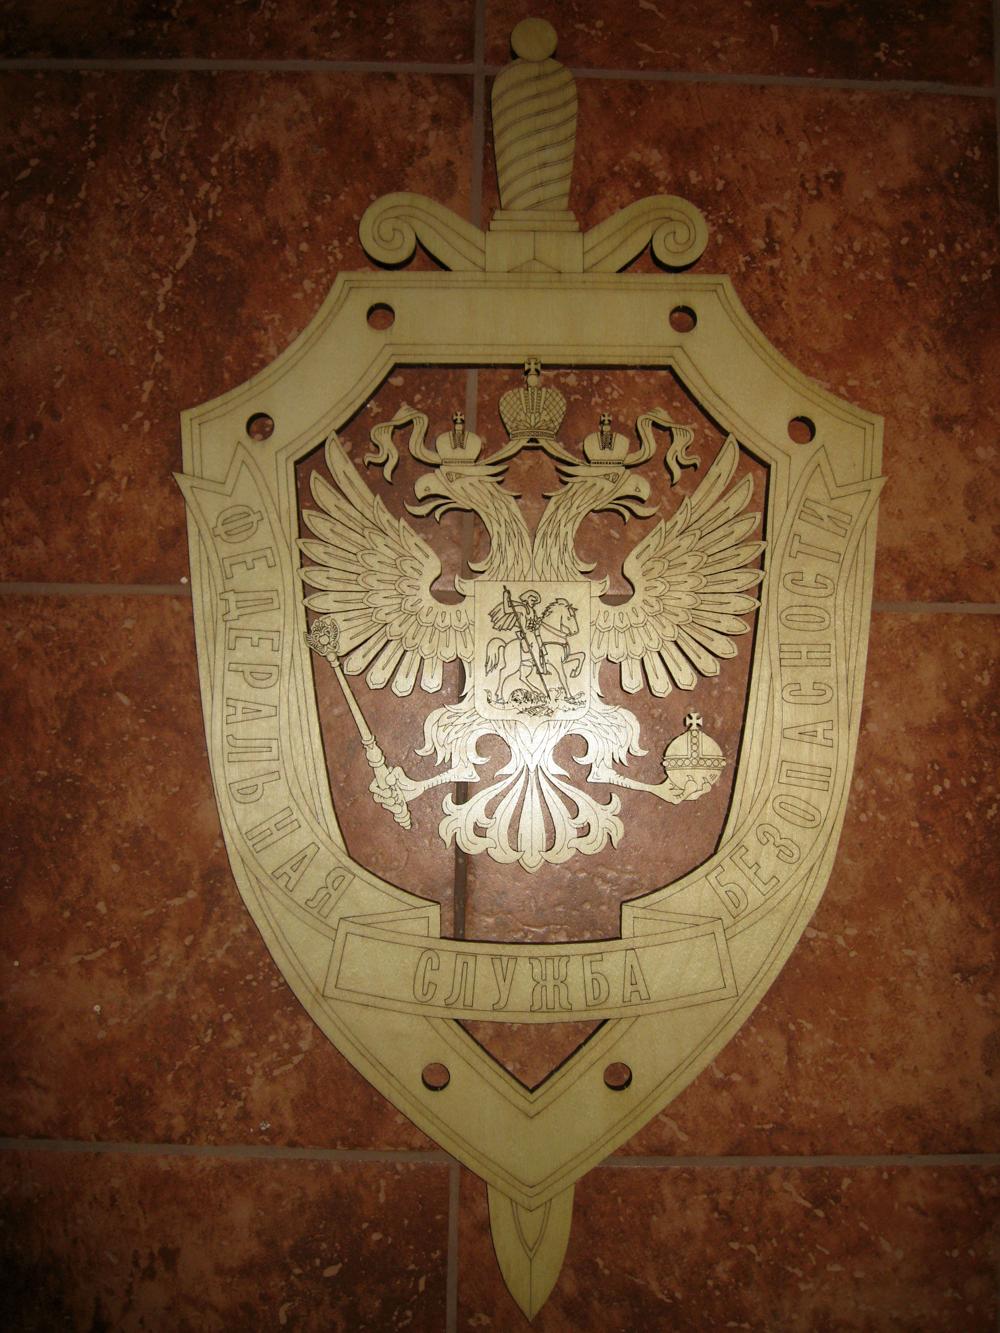 http://vbp.maxnet.ru/laser/FSB_1000.jpg